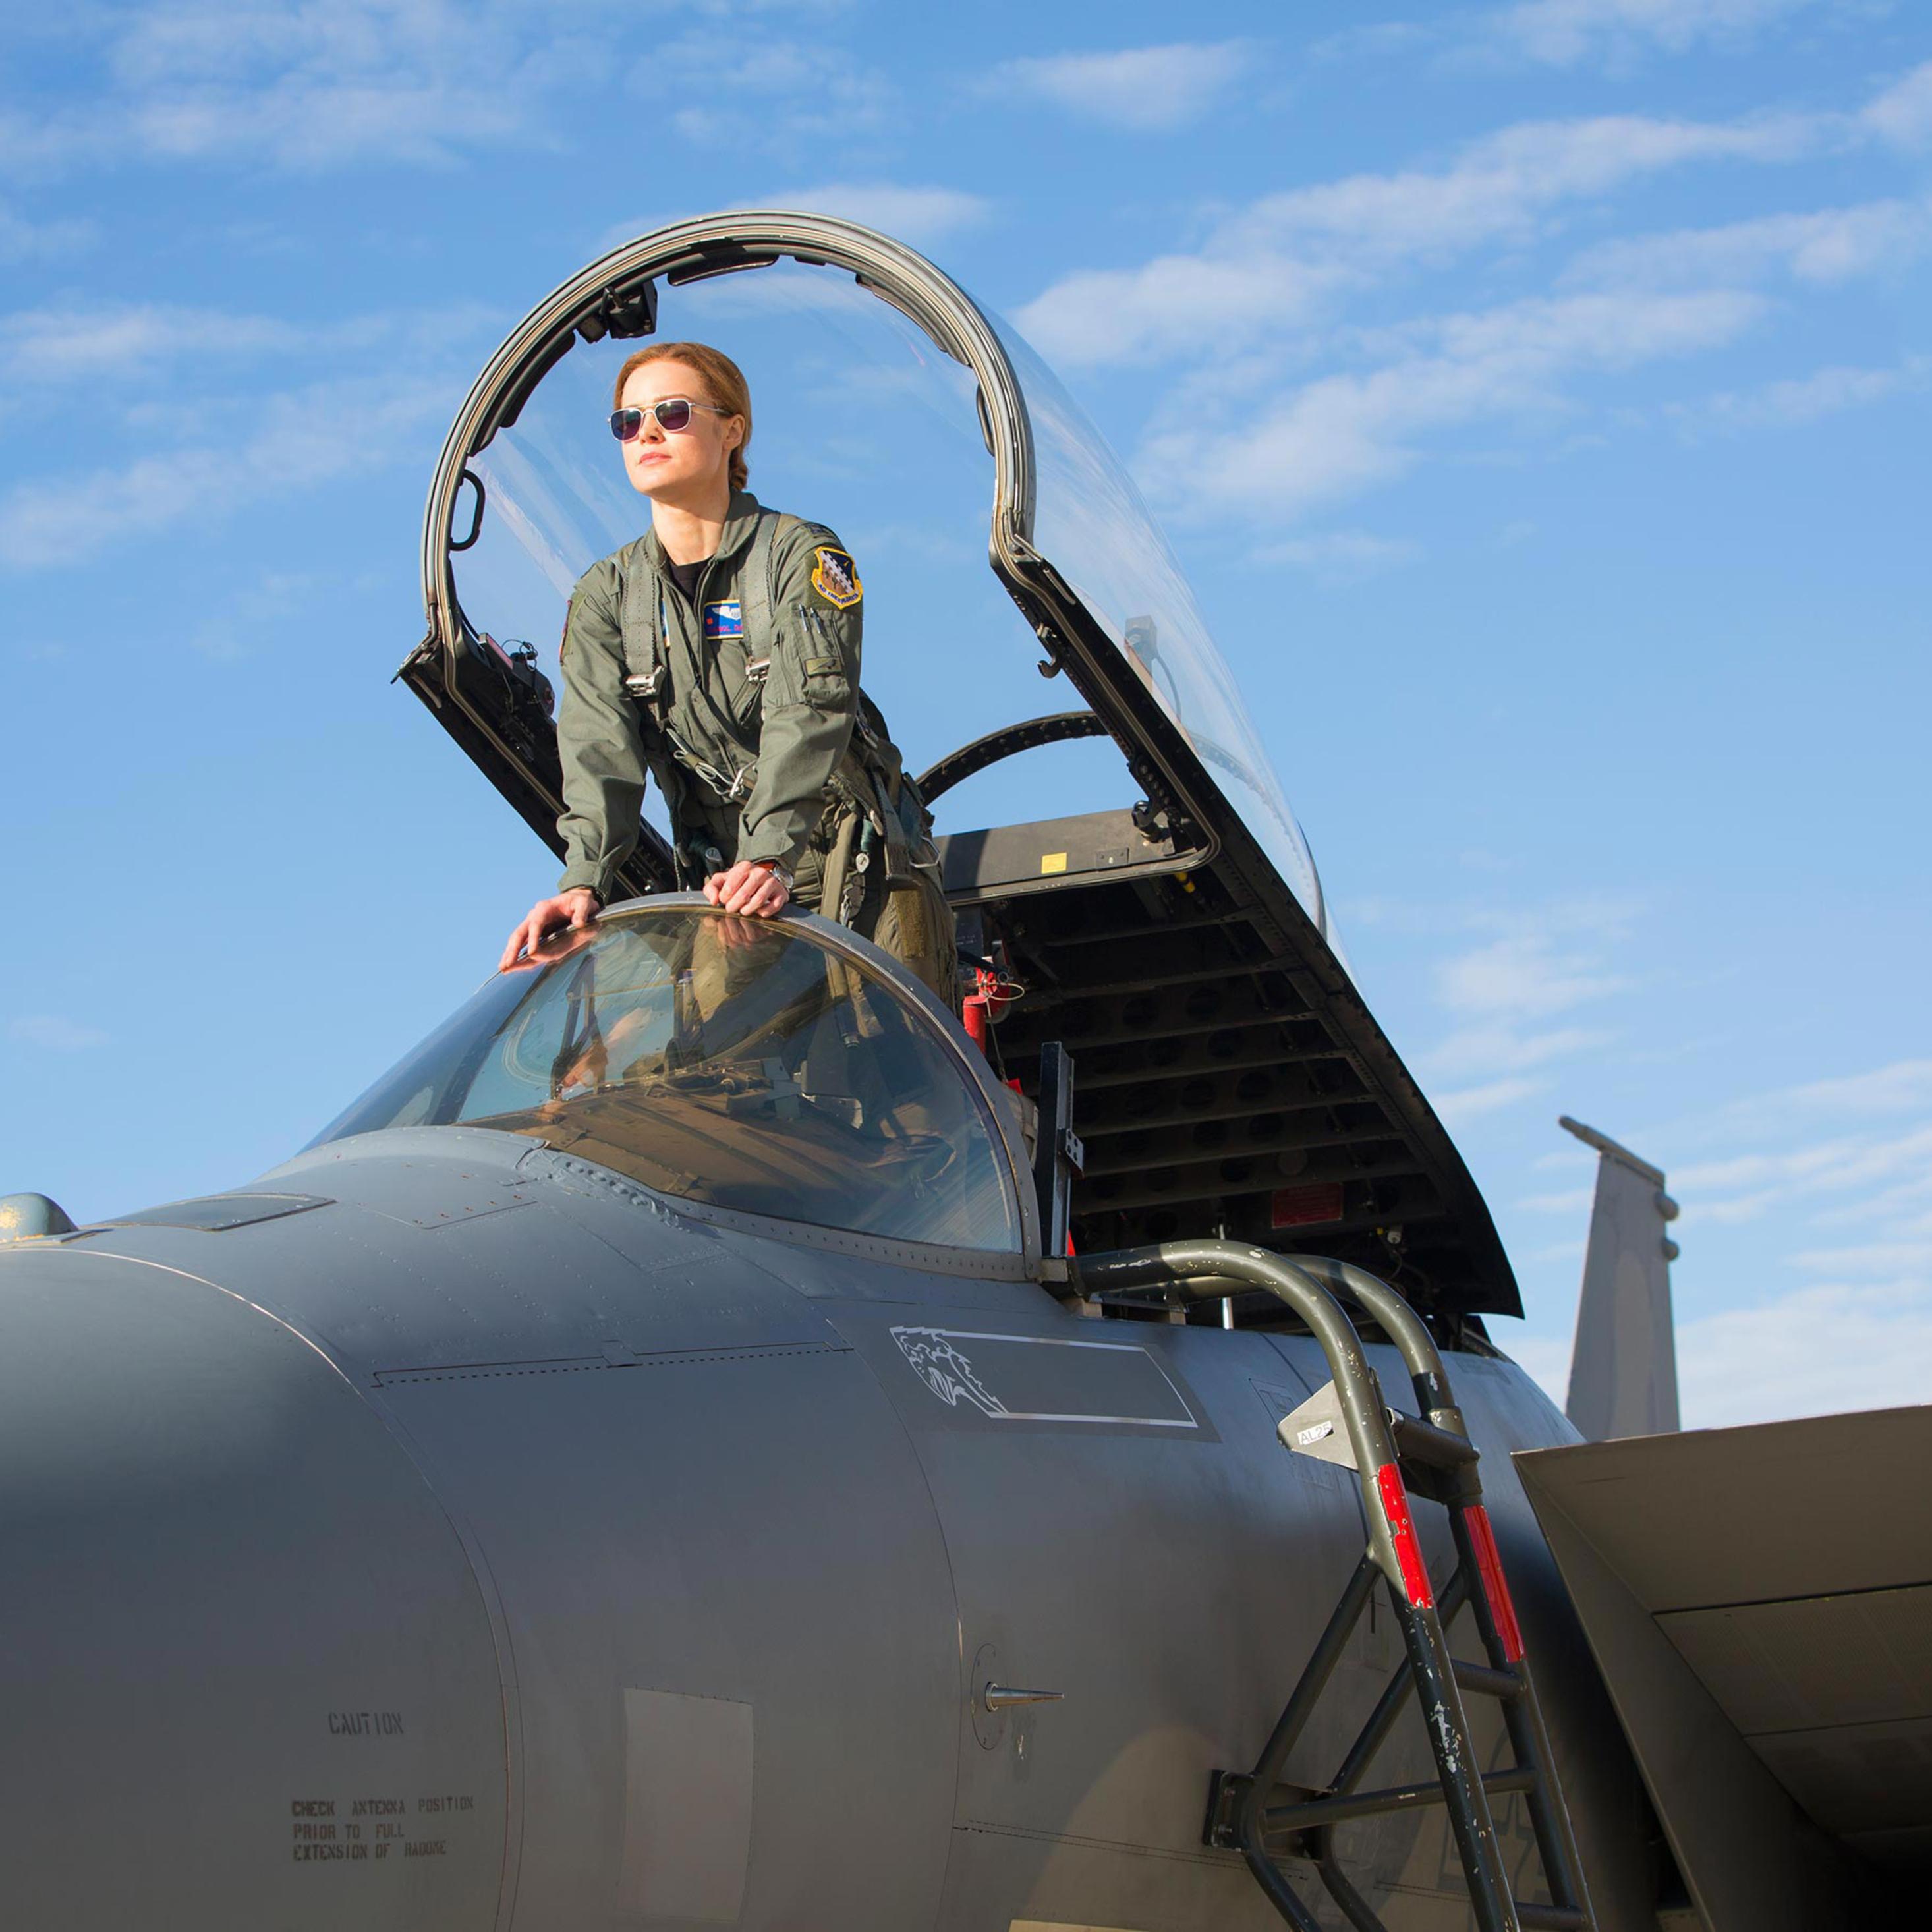 brie-larson-in-captain-marvel-movie-c8.jpg